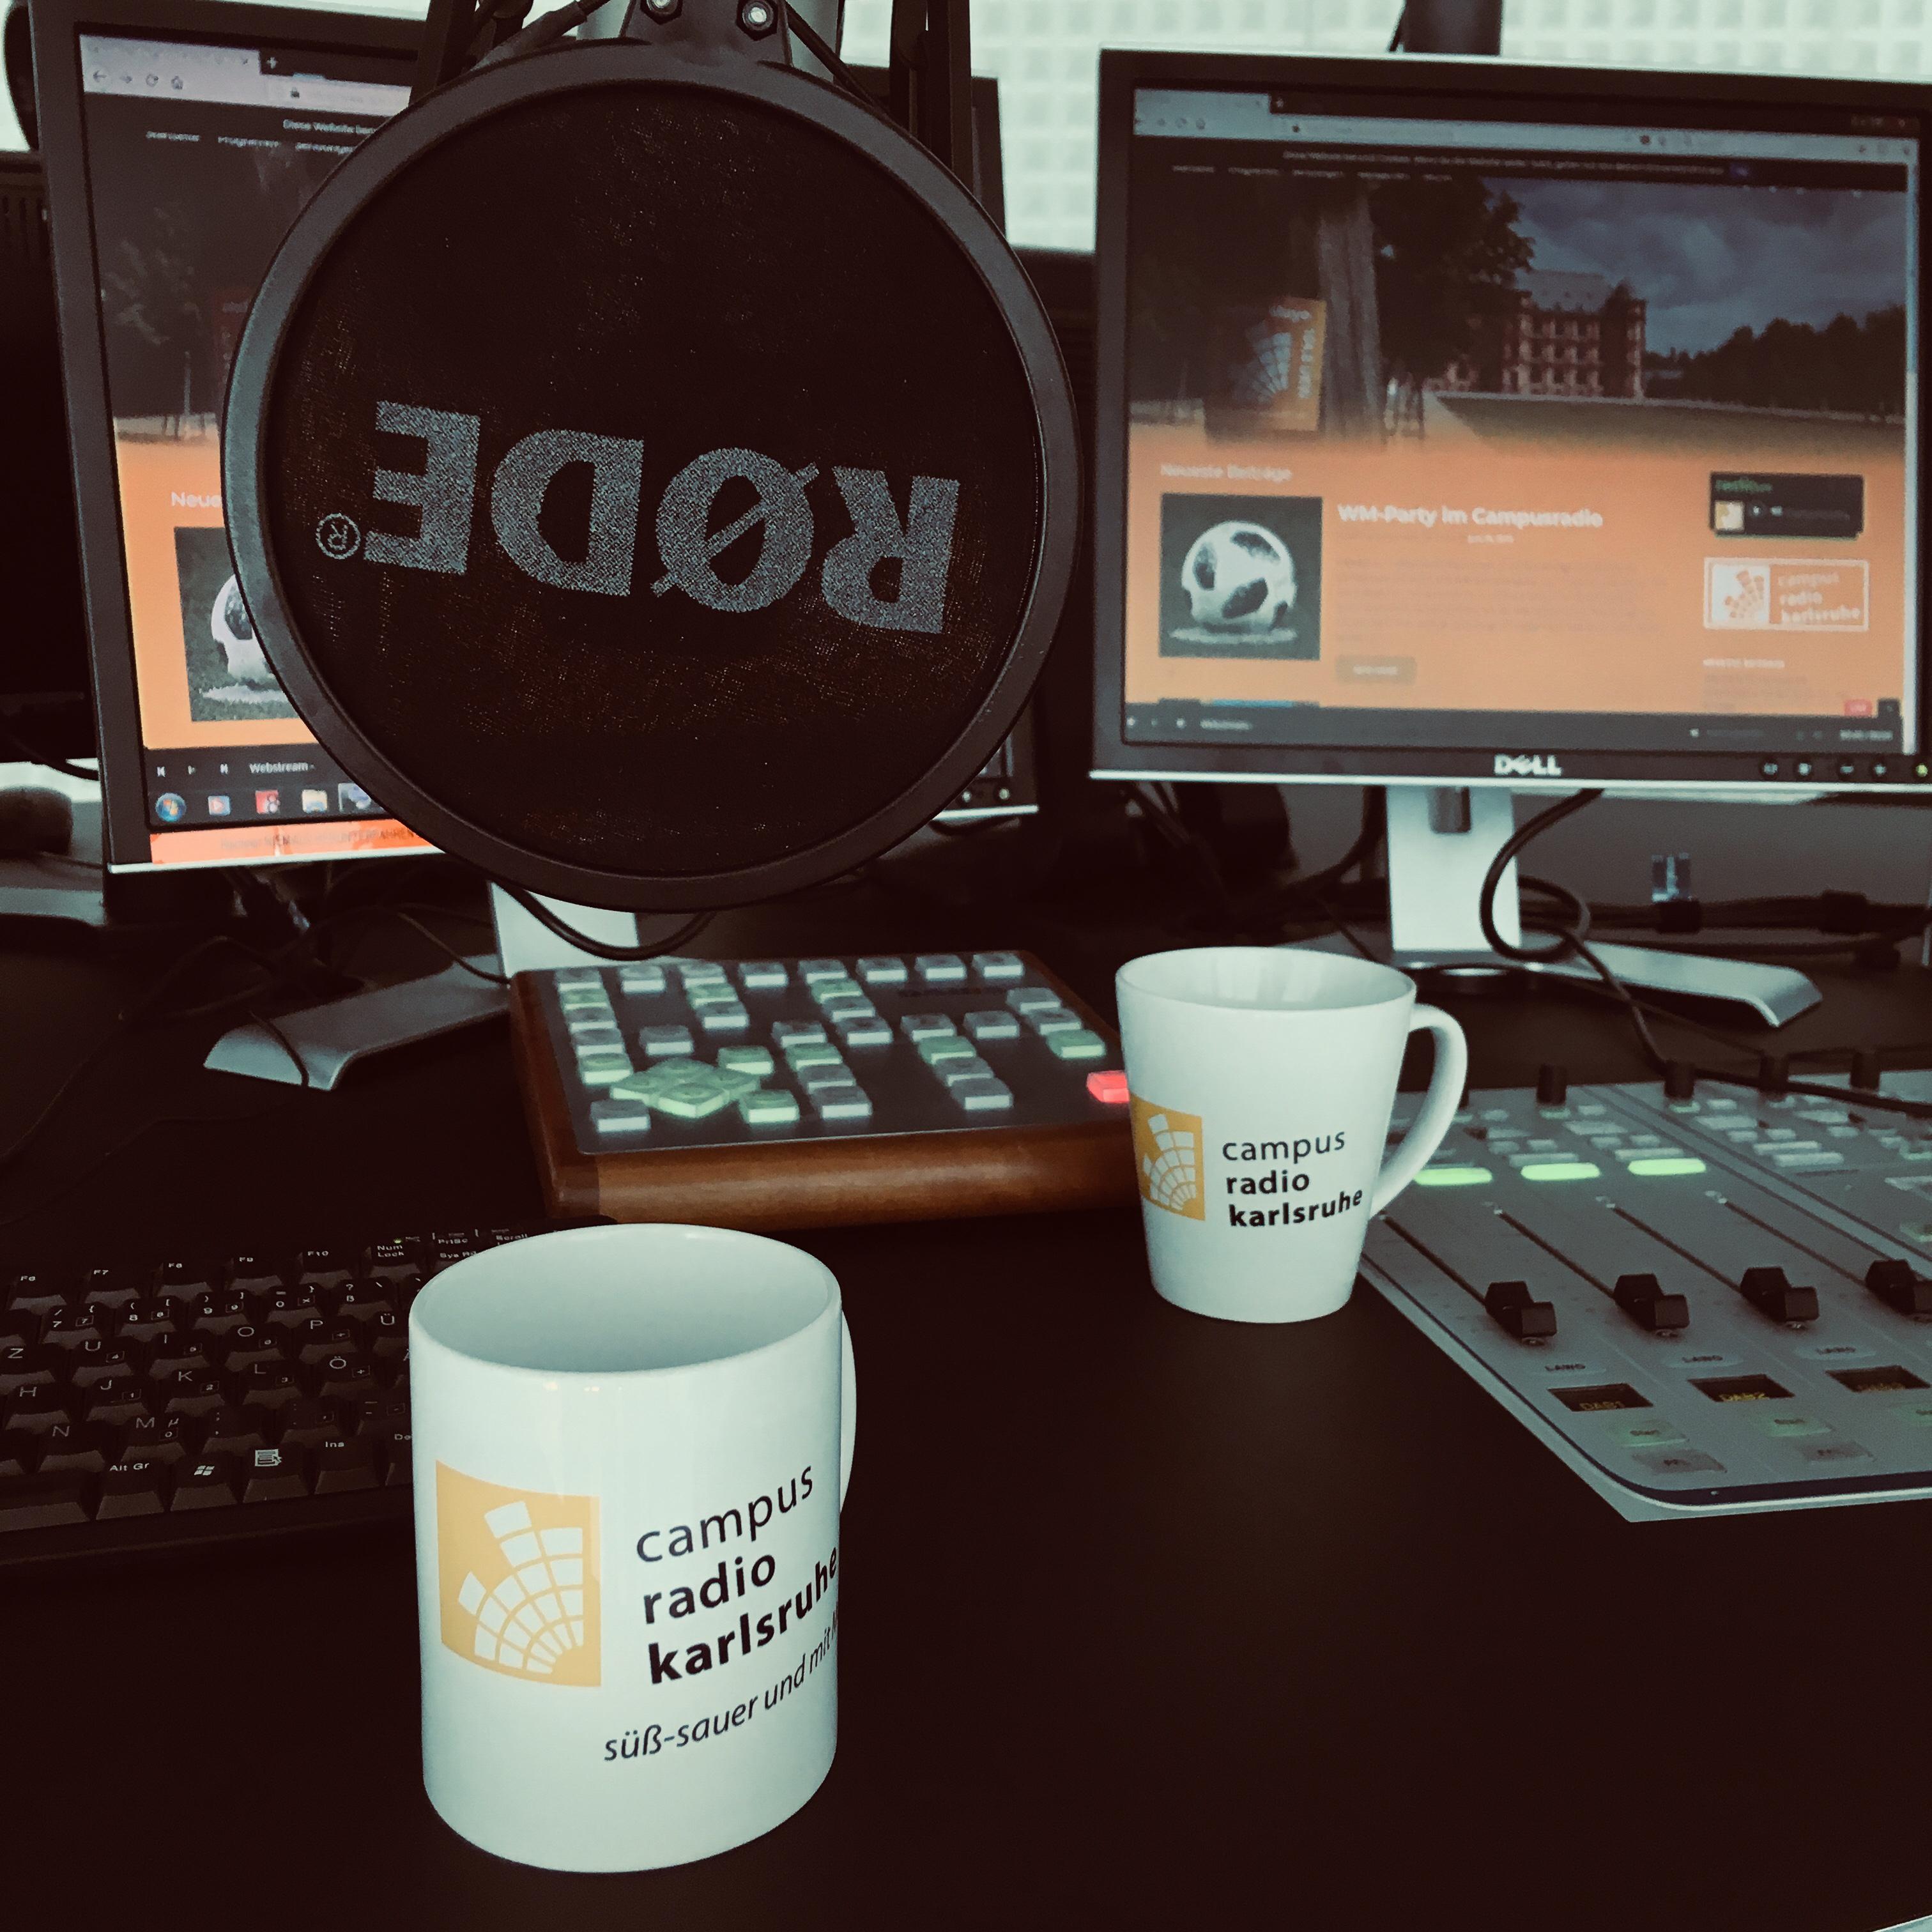 Zwei Campusradio-Tassen auf dem Studiopult